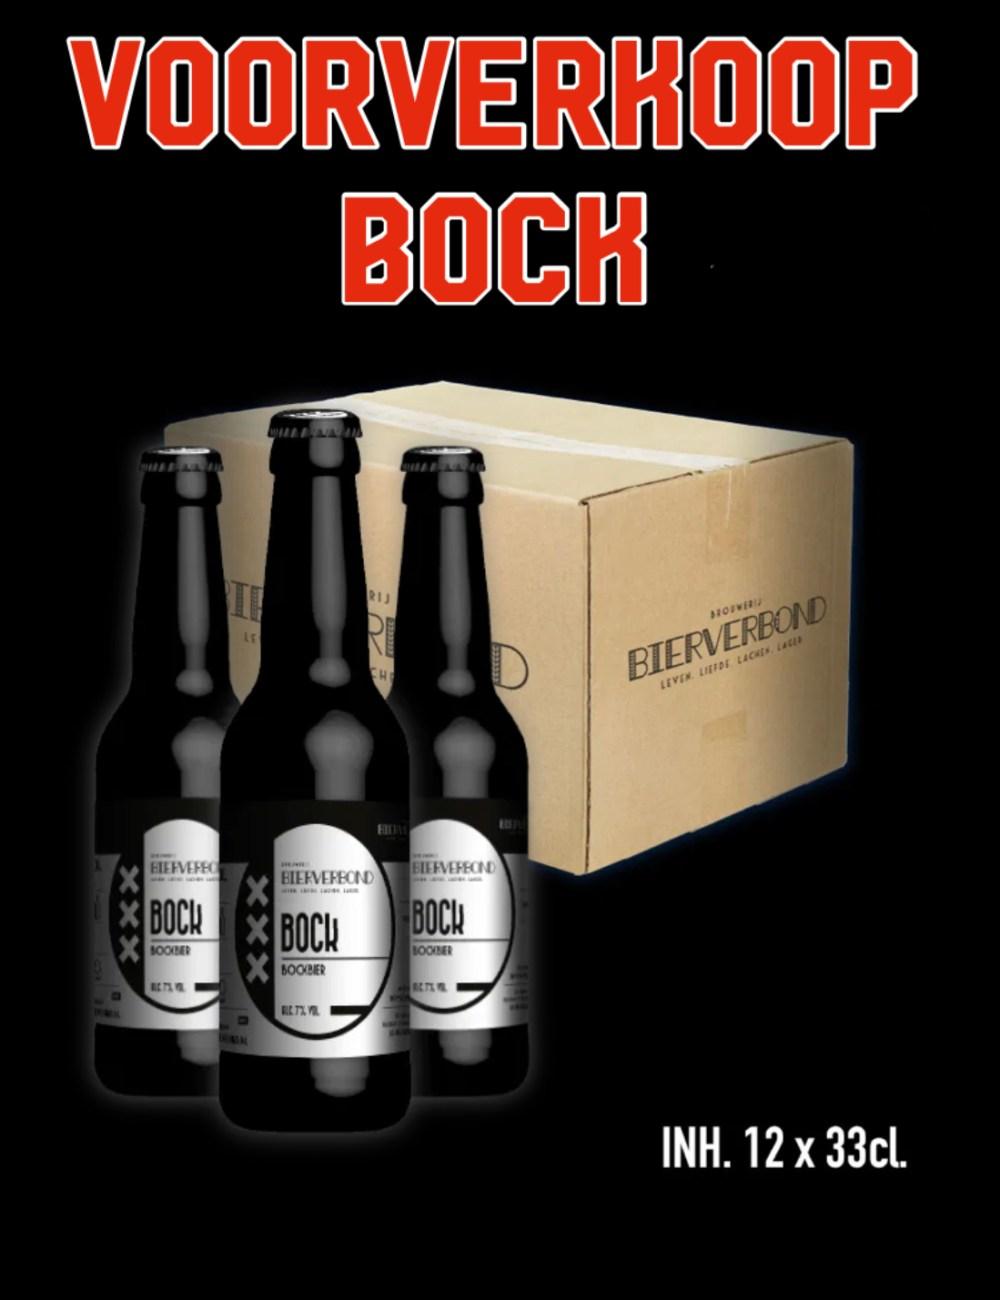 12 bottles of Bock